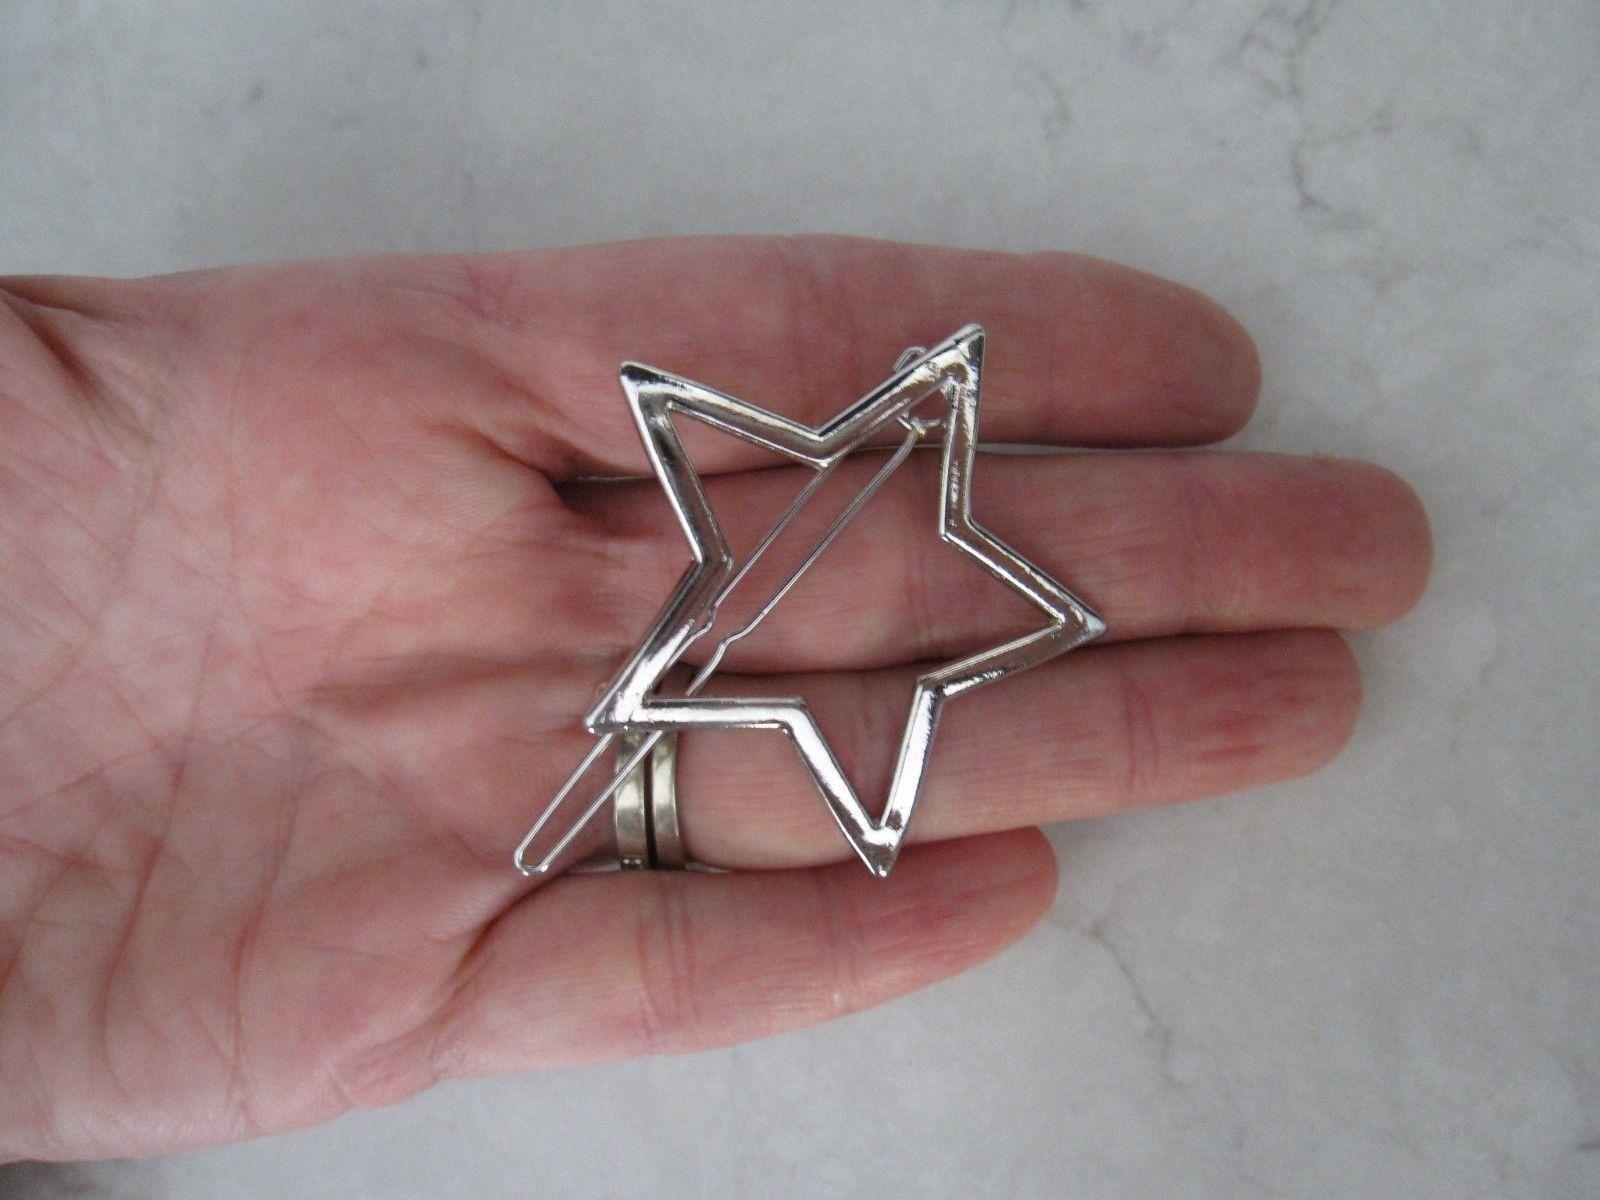 Silver metal star hair clip clamp barrette snap clip ...